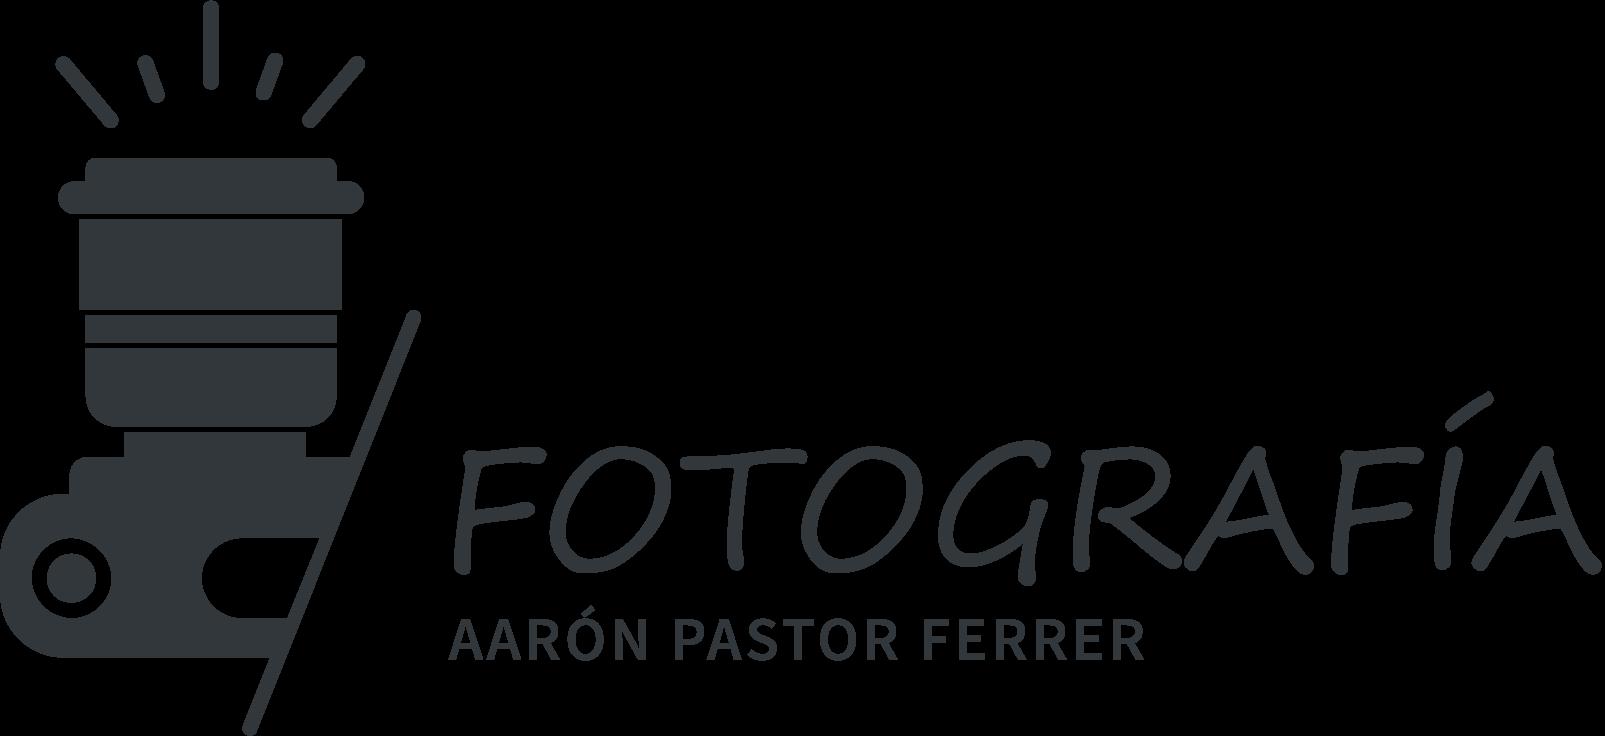 Aarón Pastor